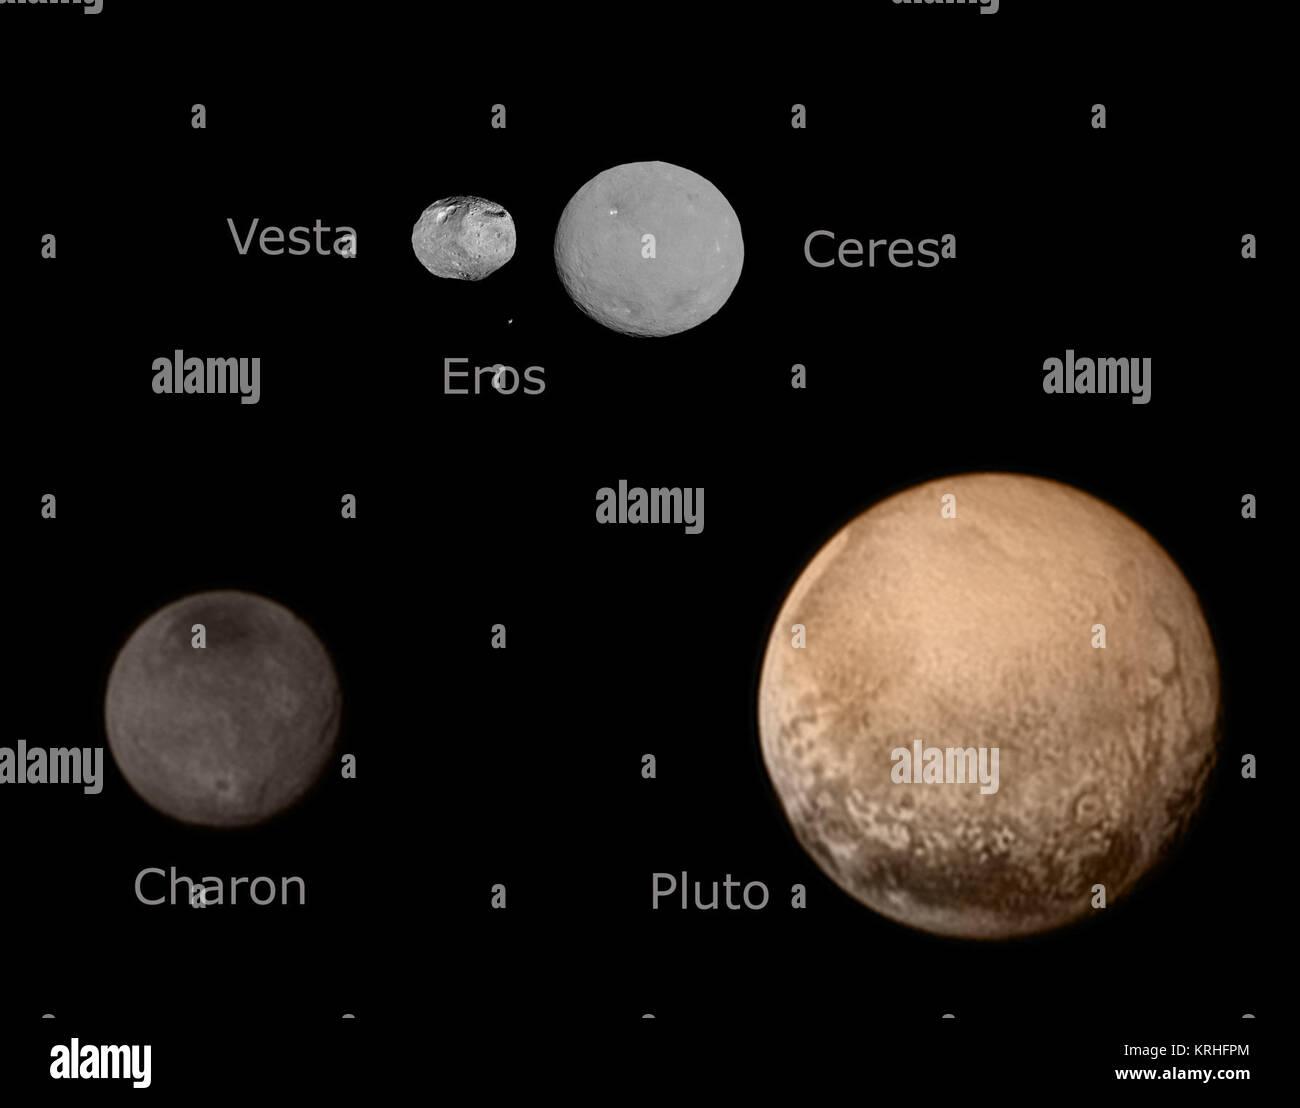 Pluto Charon Stock Photos & Pluto Charon Stock Images